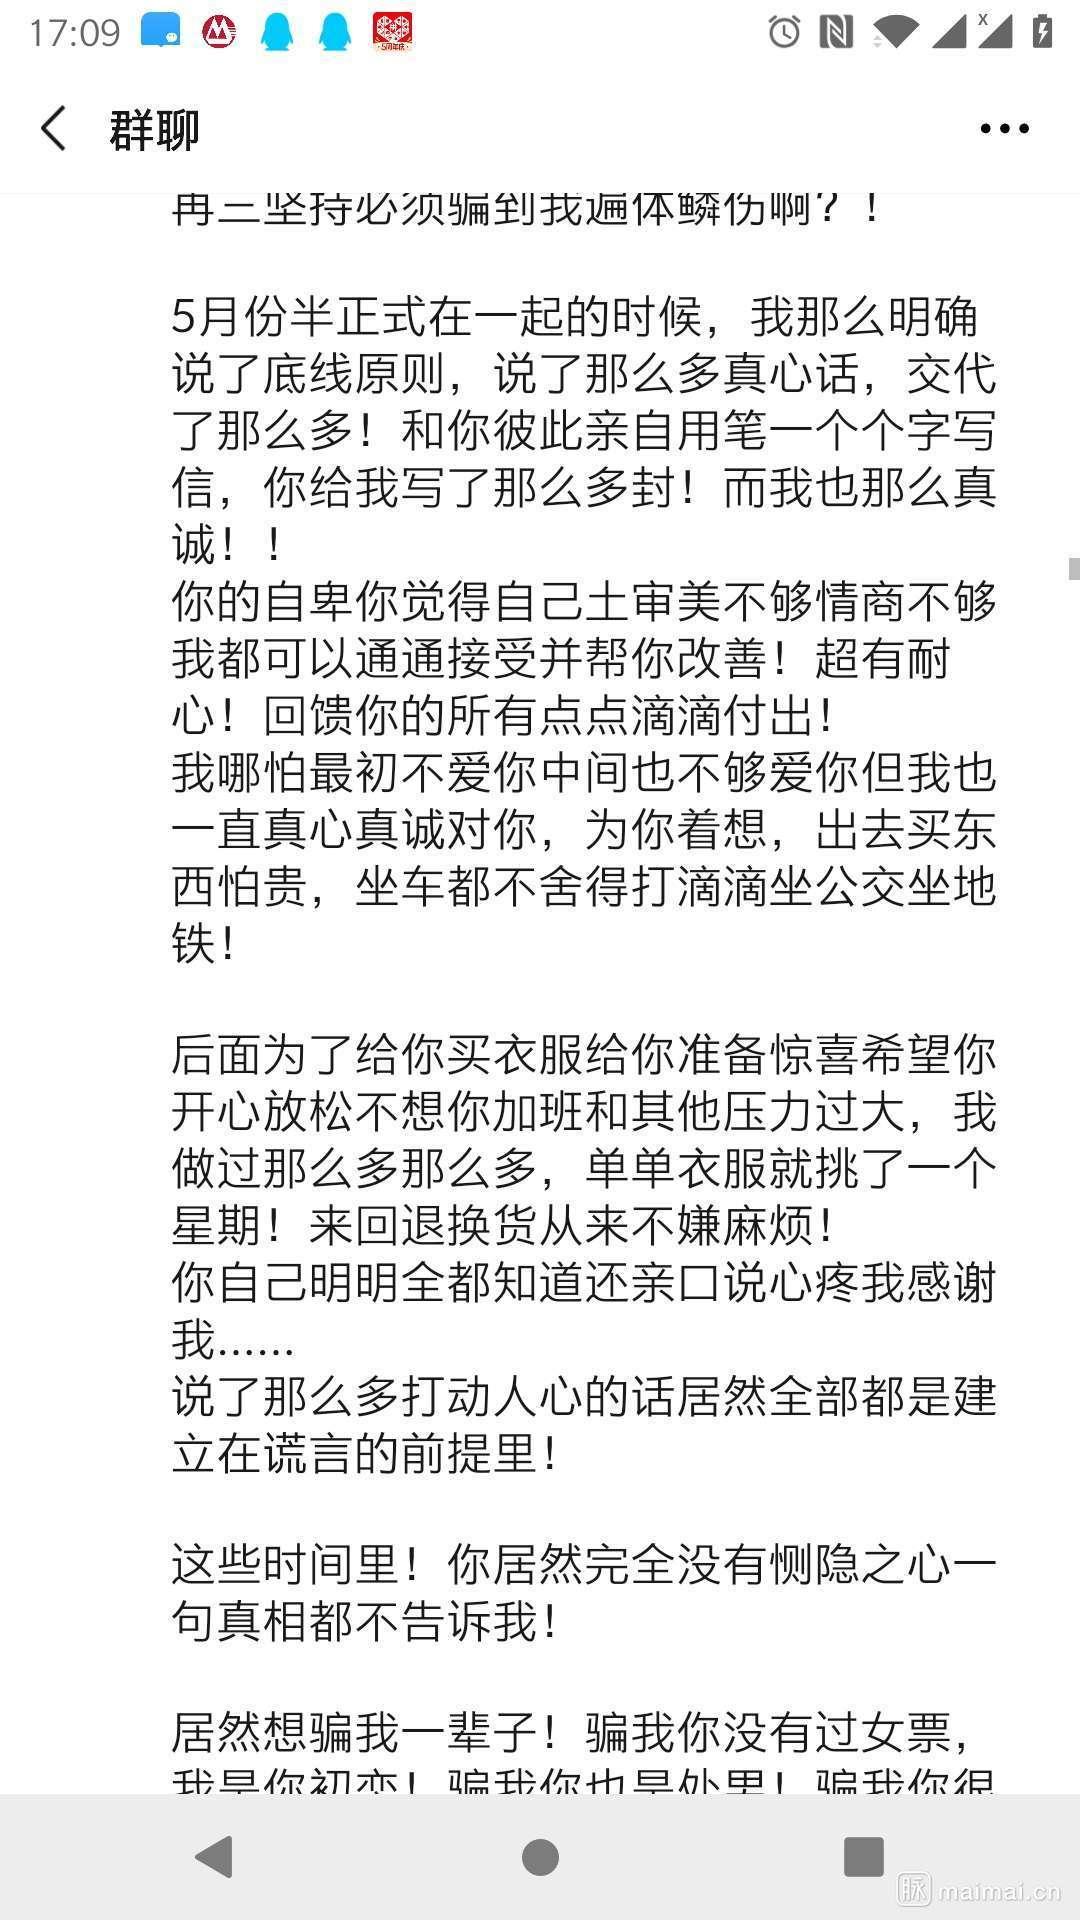 bigo超级大瓜安东尼奥刘能:m武当弟子:m前欢聚时代员…插图(3)